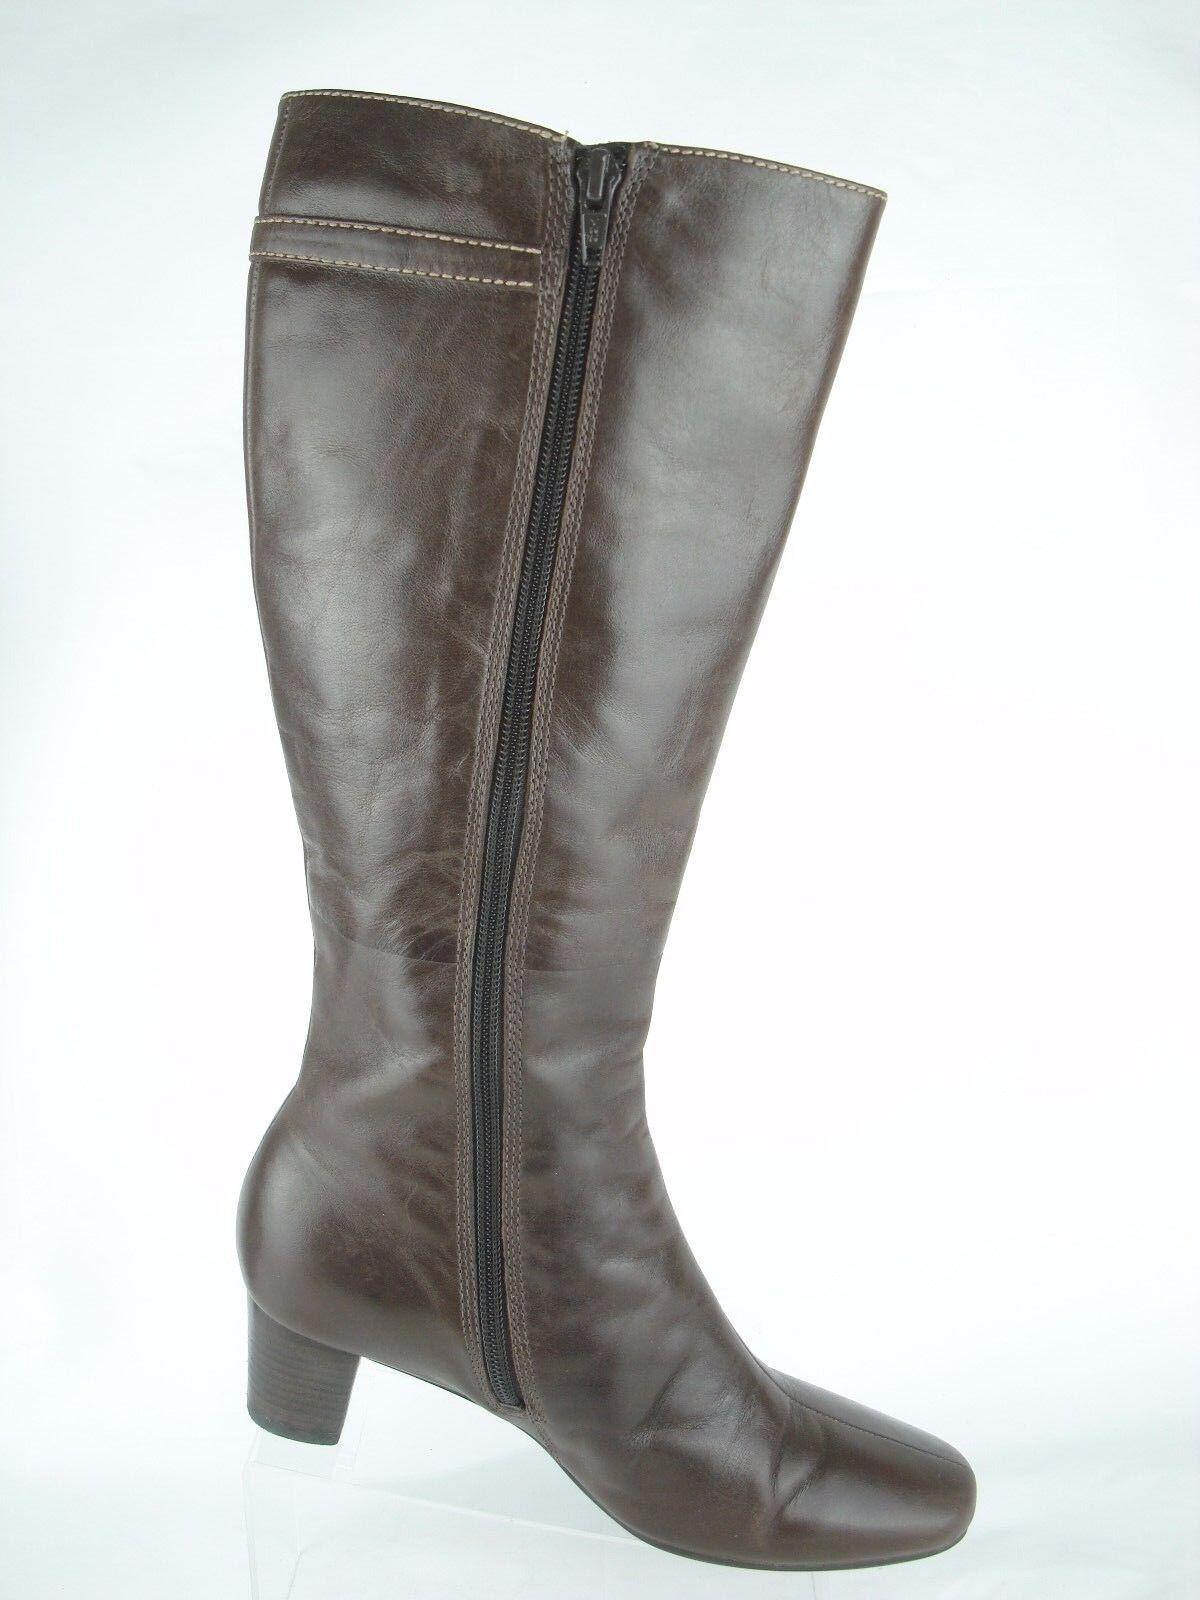 Ecco Bremen Braun Leder Zip Up Buckle Strap Knee High Stiefel Damens 5 - 5.5 / 36